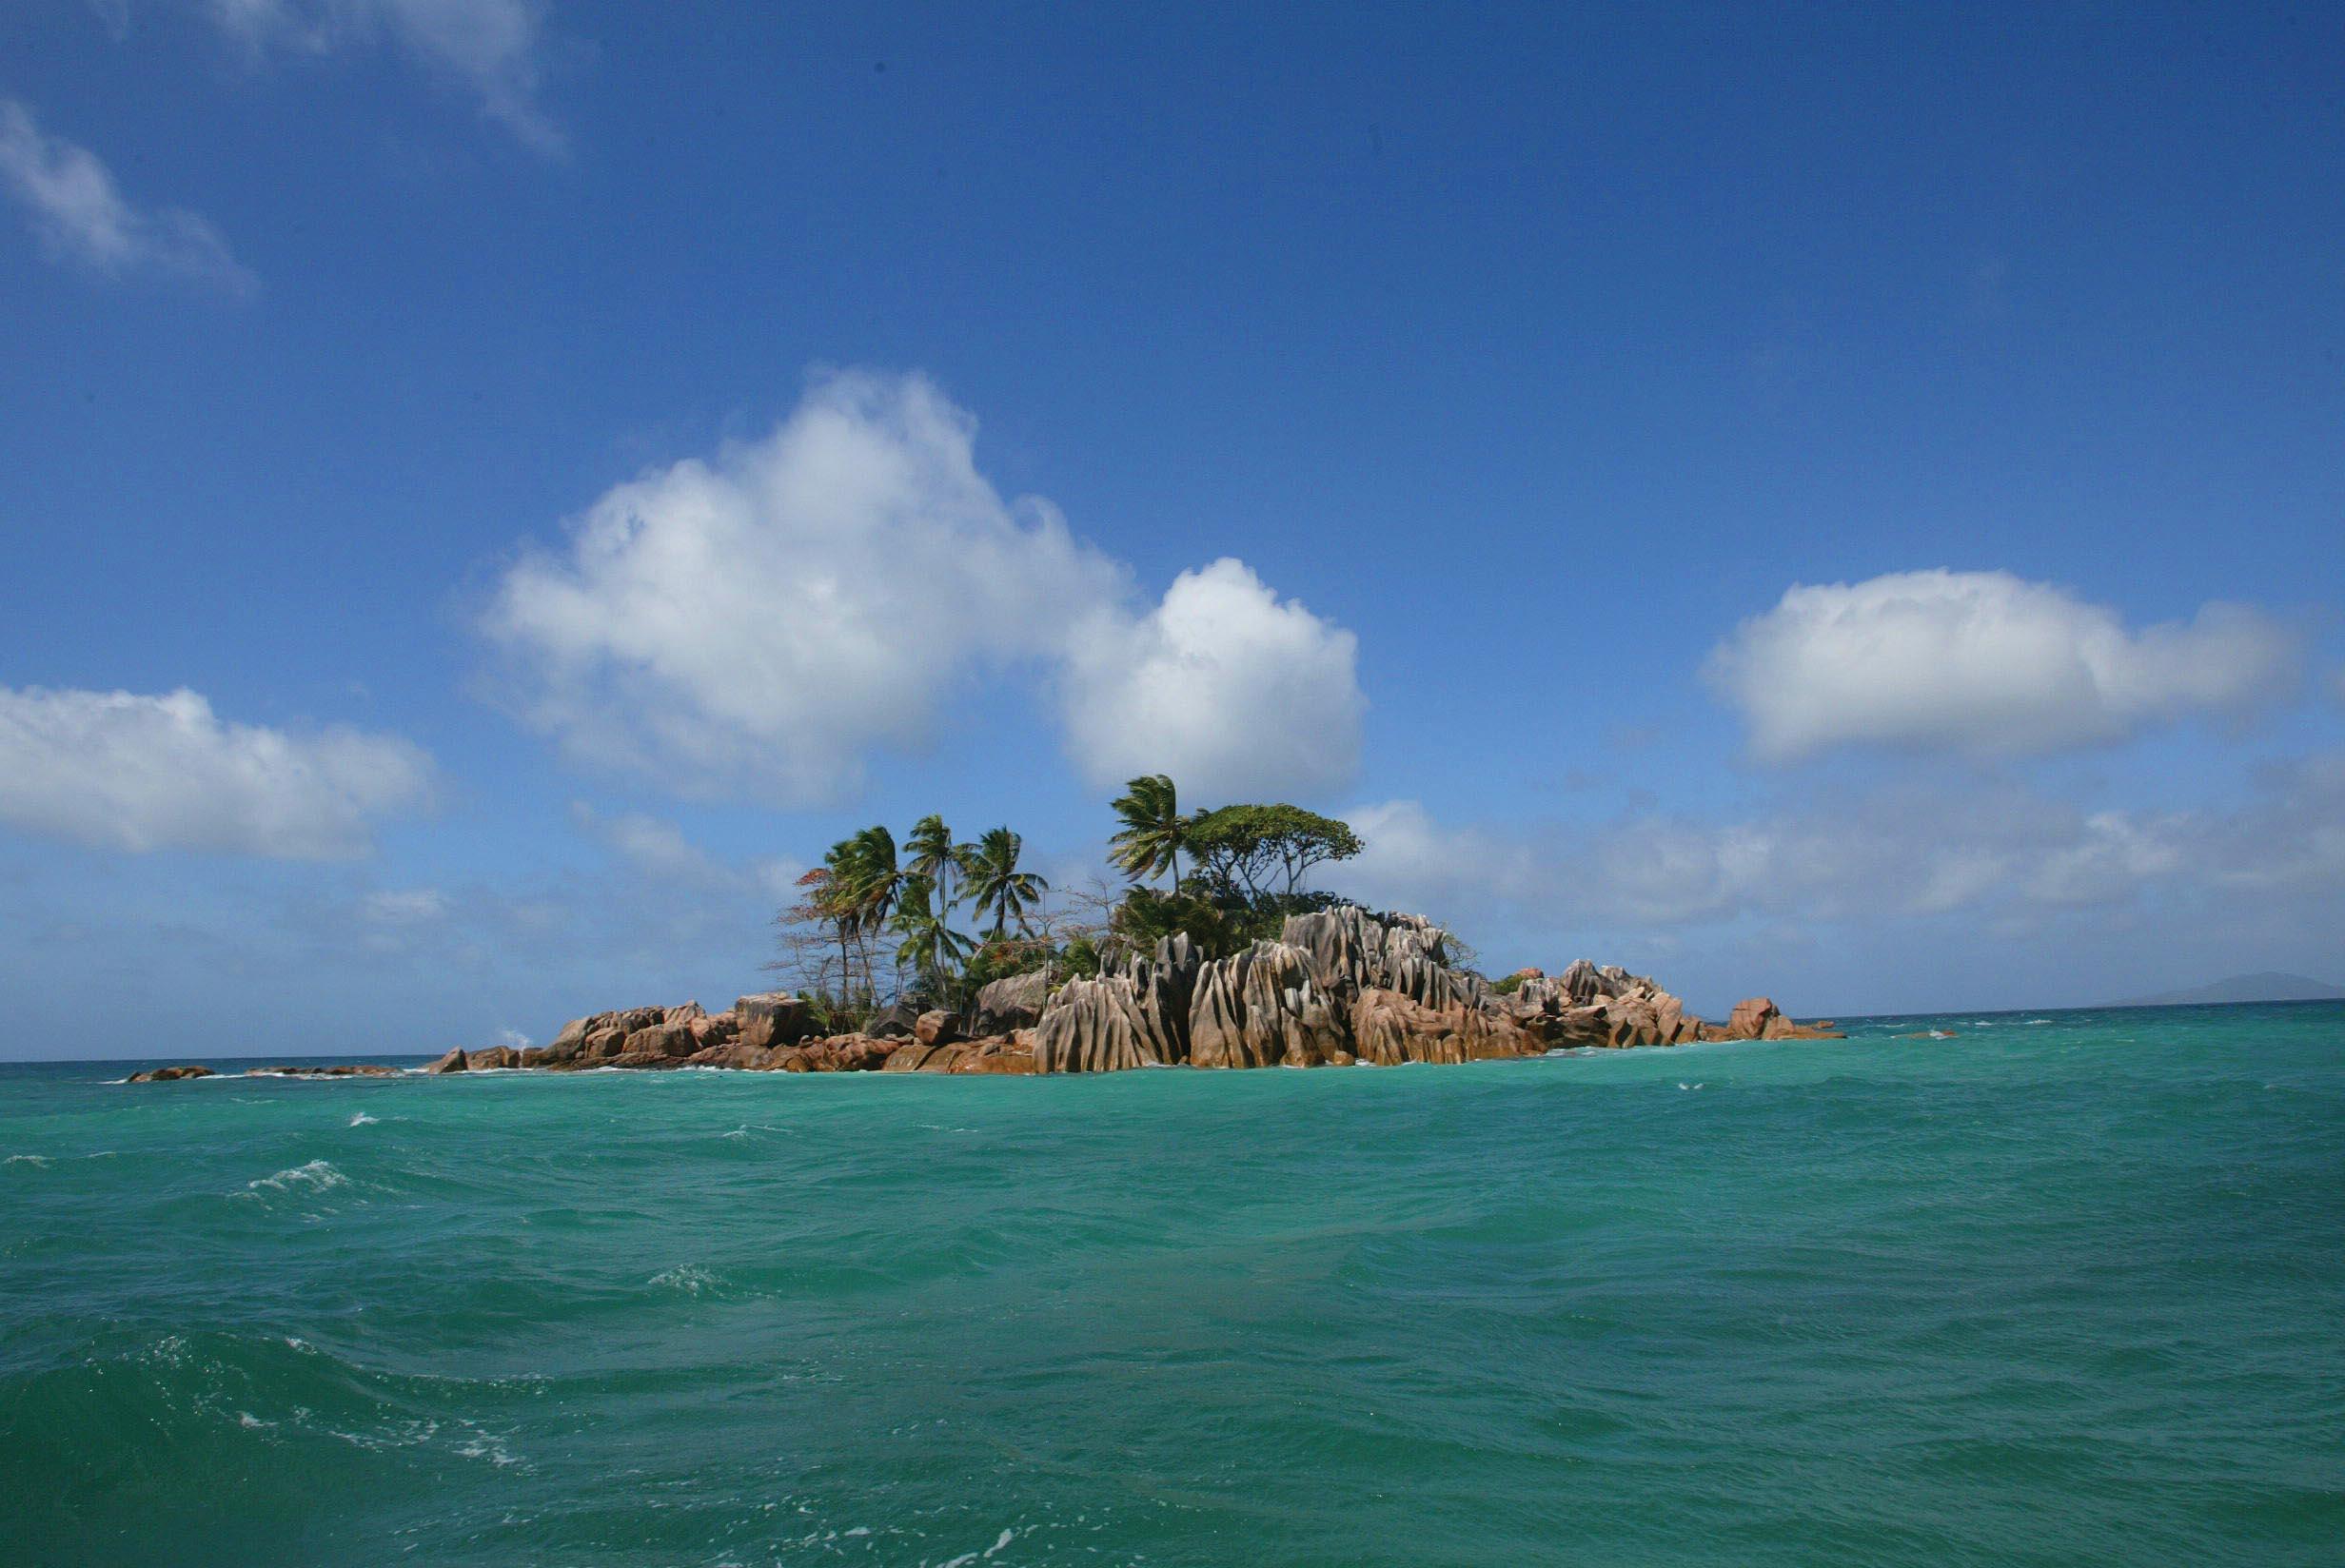 Photographie des seychelles libres de droits stock images for Photographie de stock